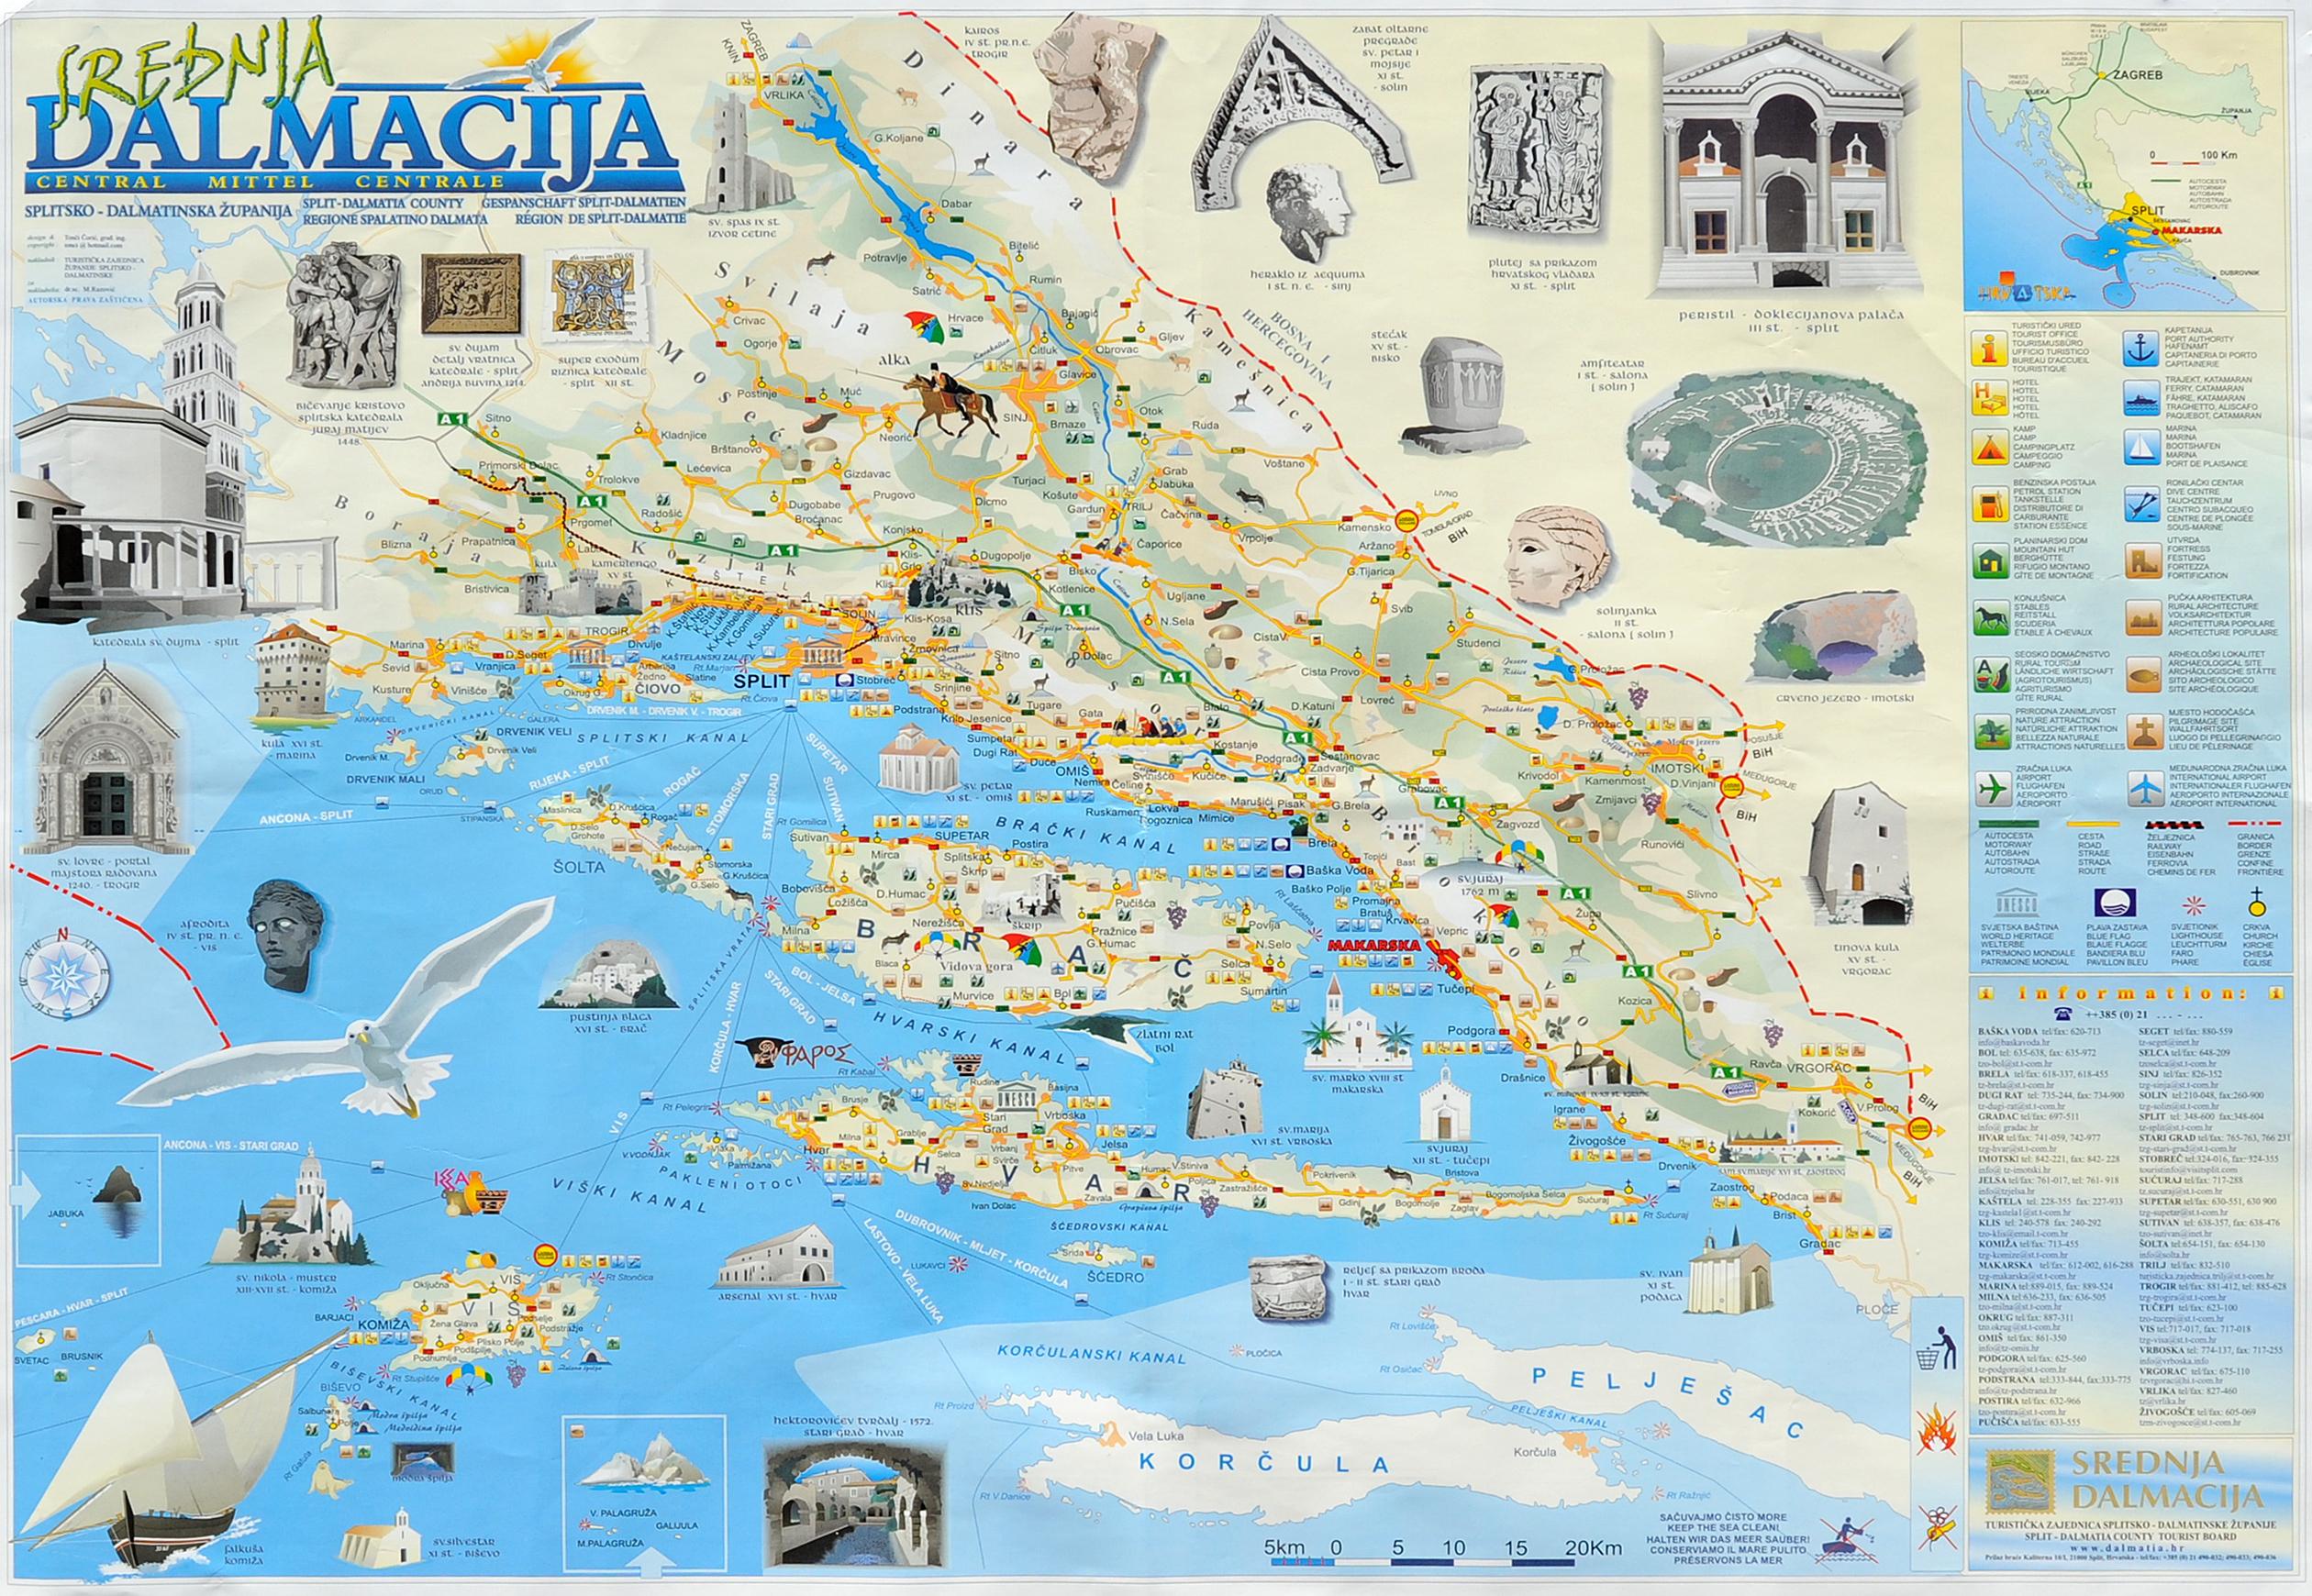 Croacia mapa turistico my blog for Oficina de turismo de croacia en madrid